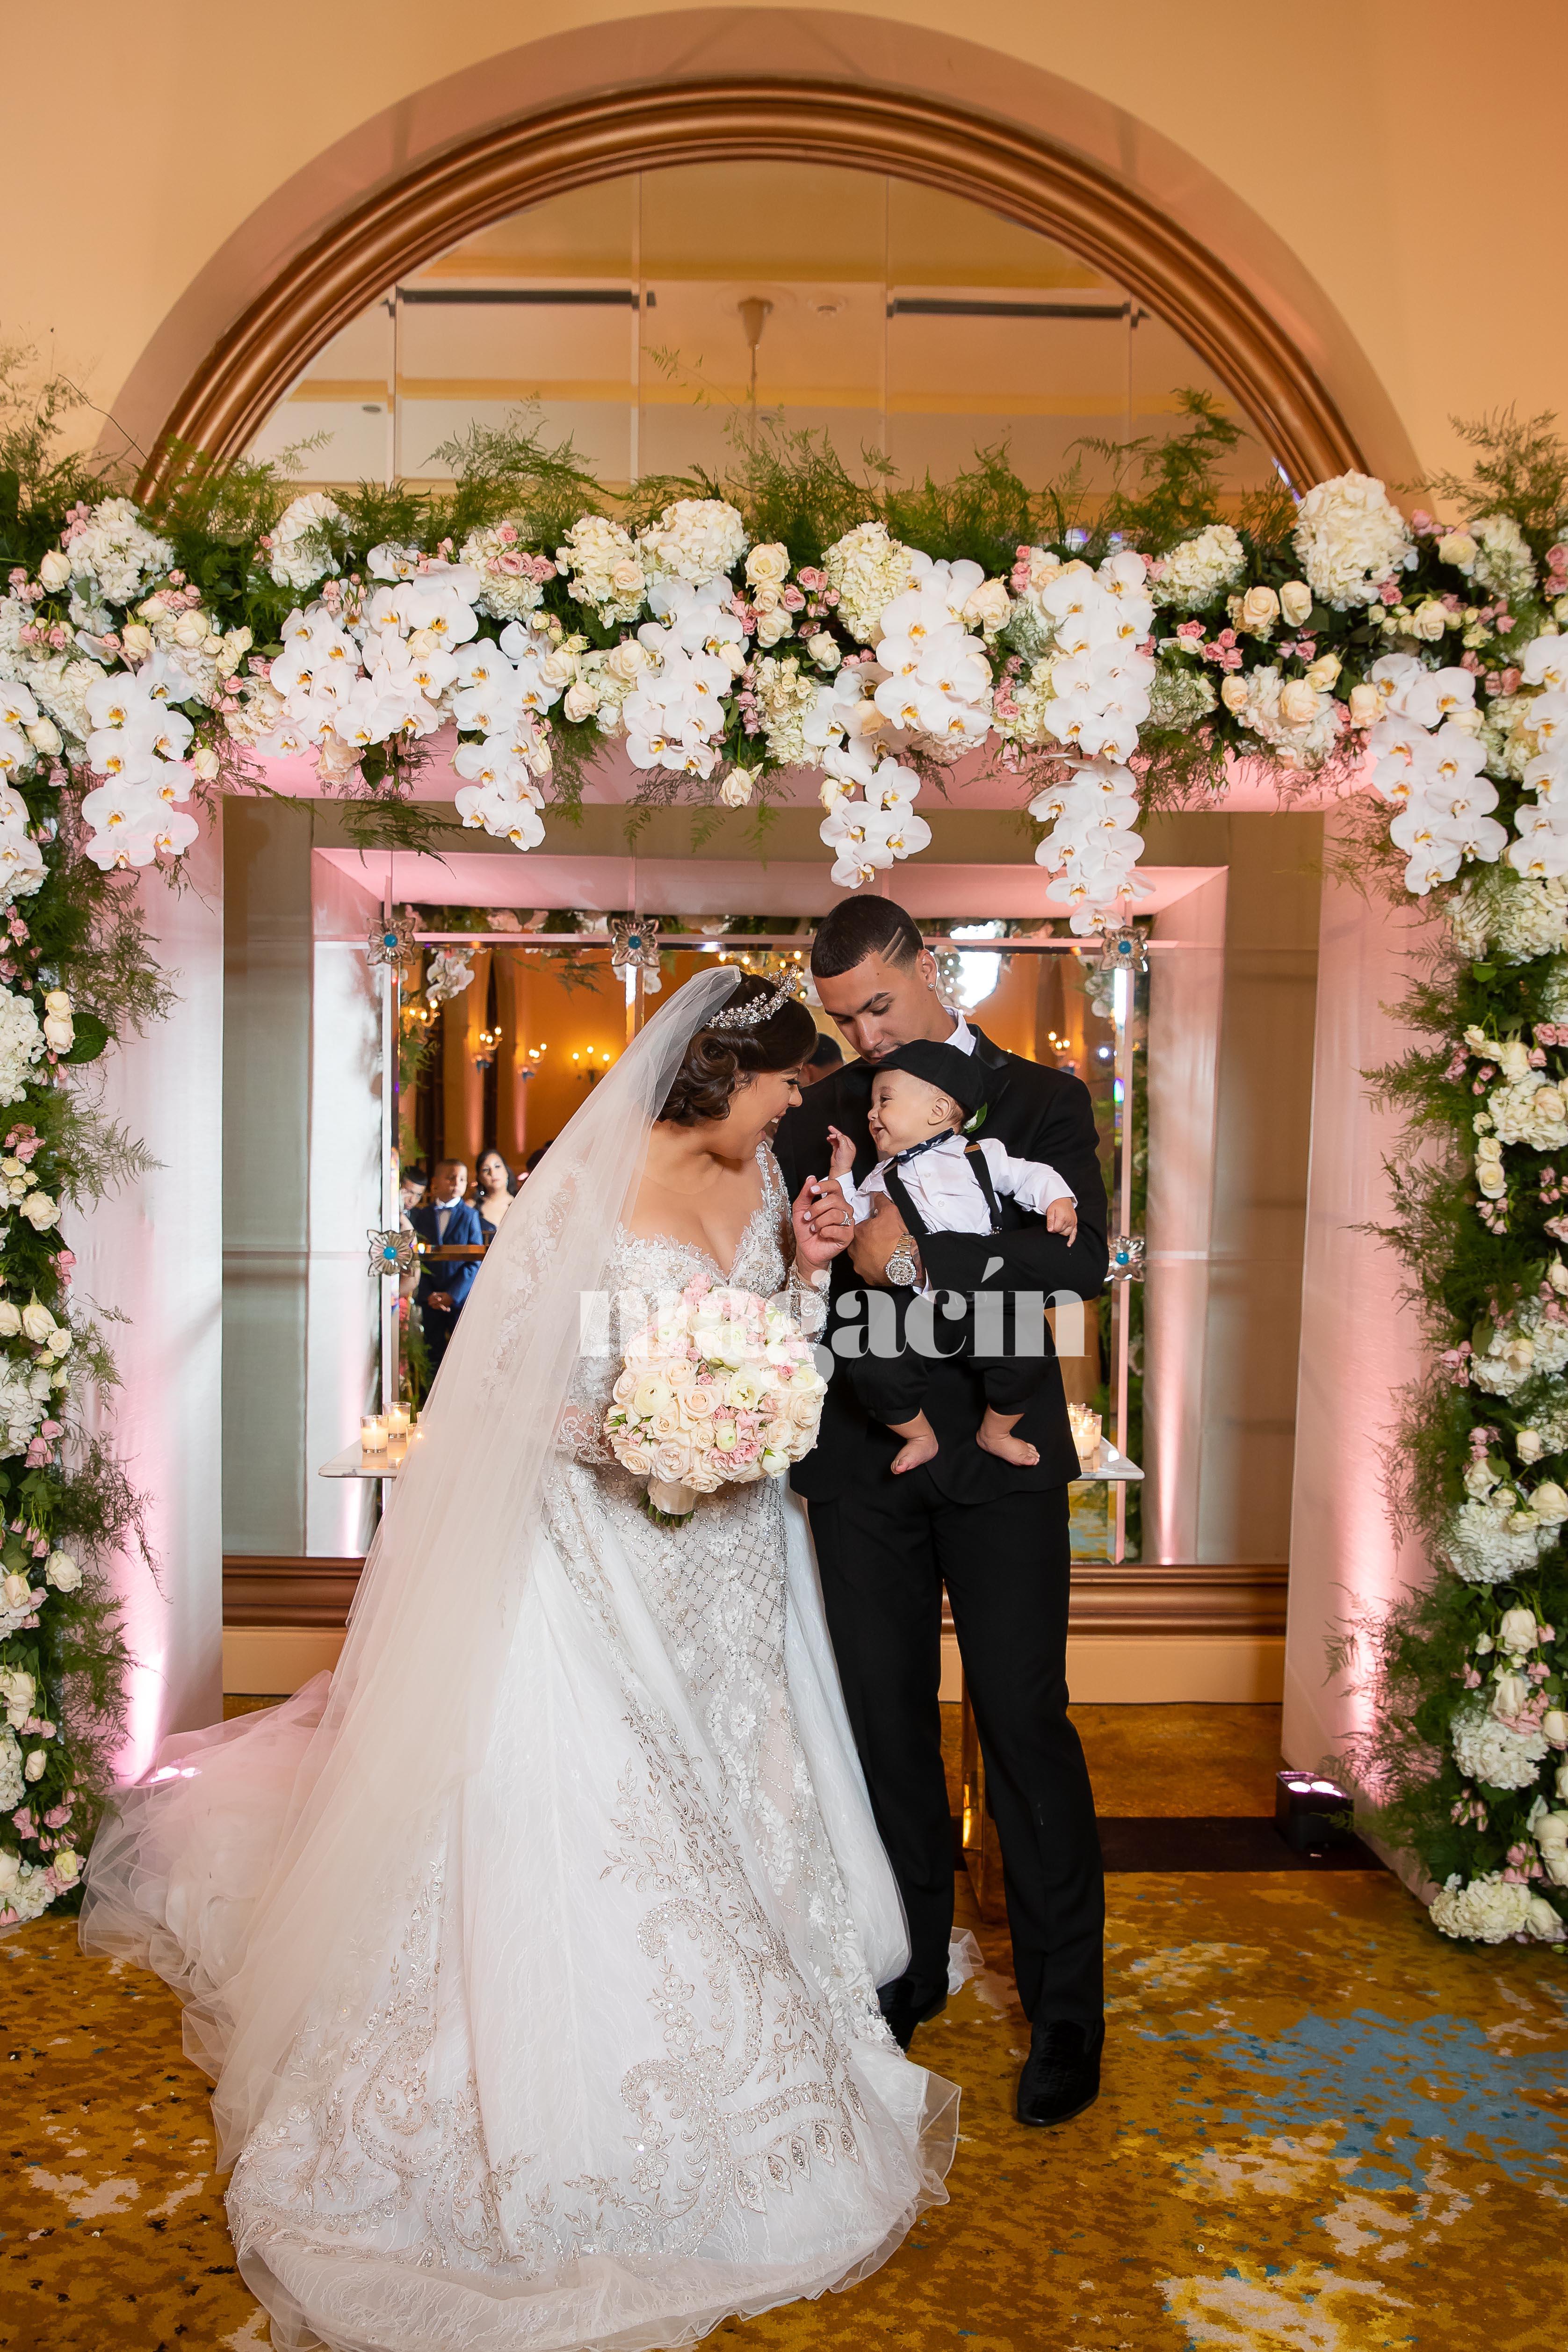 Báez y su ahora esposa se convirtieron en padres de Adrián Javier (en la foto) el 29 de junio pasado. La pareja bautizó al pequeño en San Juan semanas después de su boda. (Suministrada/ Claudette Montero)